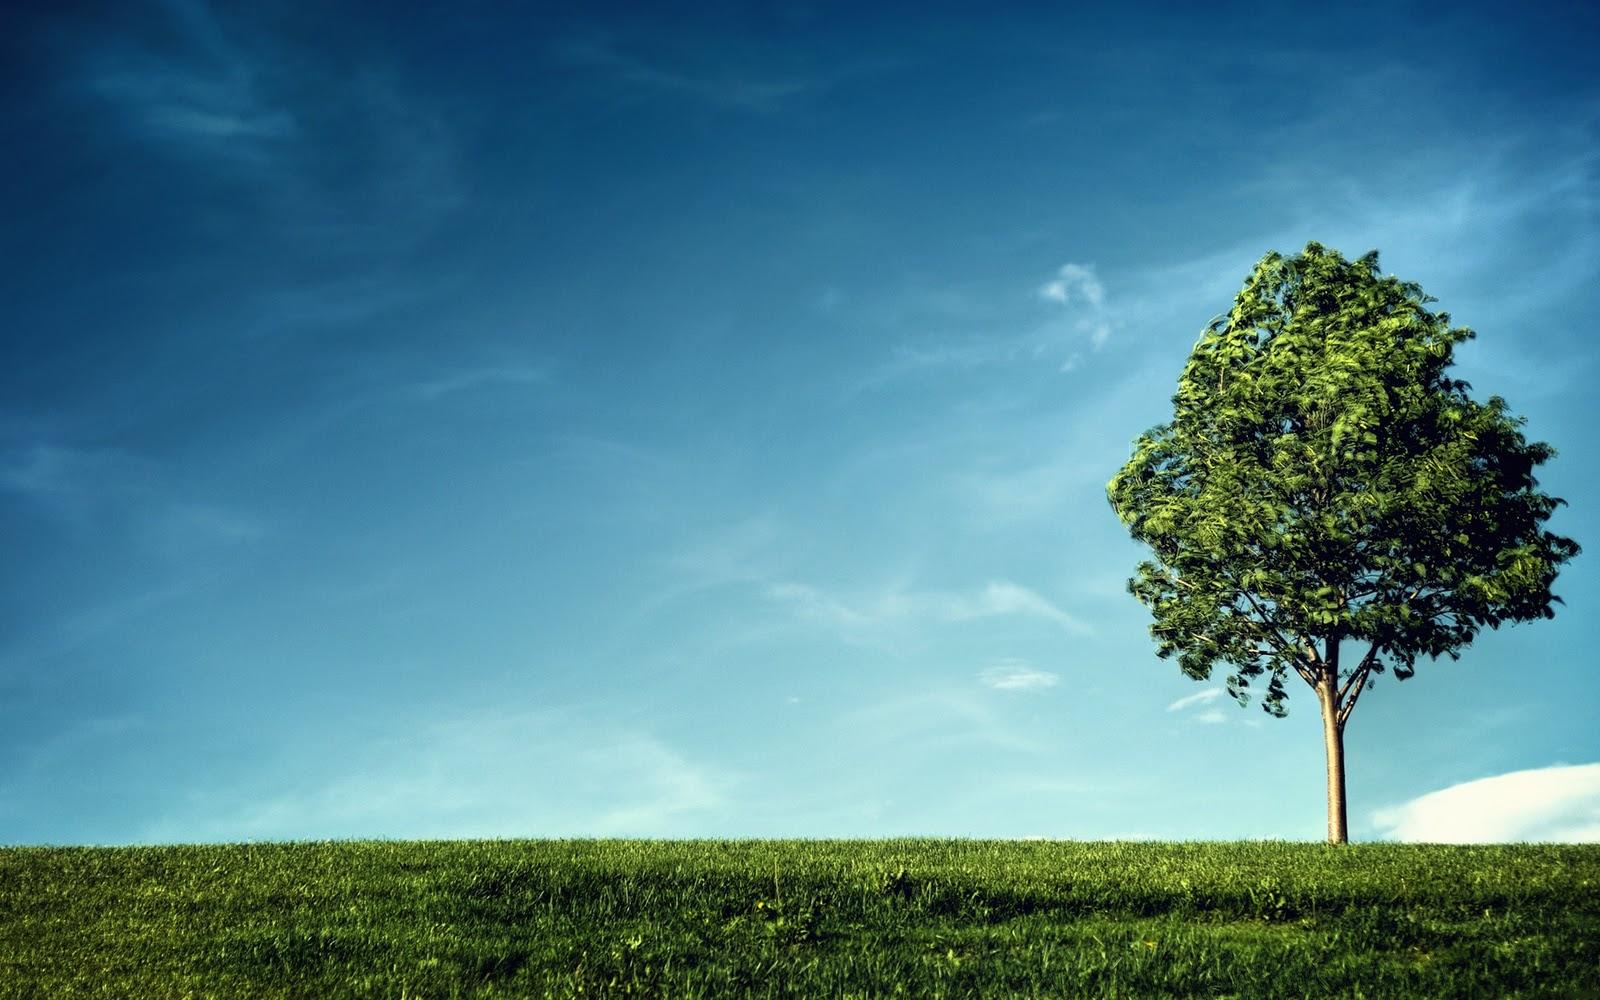 http://2.bp.blogspot.com/-uqGcKSCJtqc/TyQG2mo7dzI/AAAAAAAAAMQ/twt0E4qNBOo/s1600/Single+tree+wallpaper.jpg